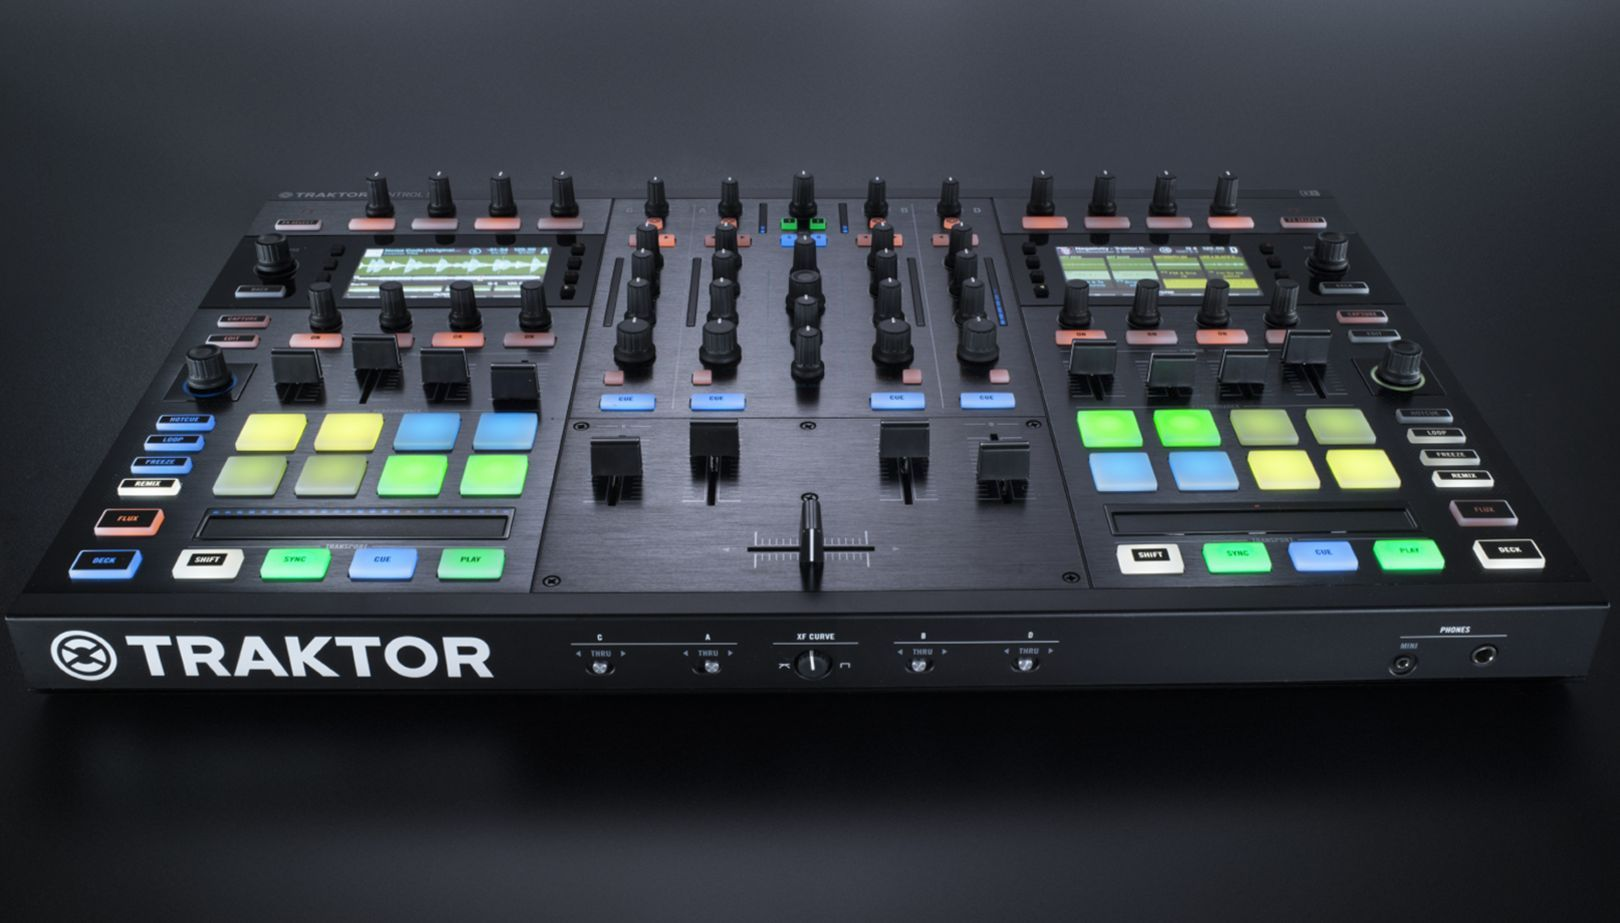 Traktor : DJ Controllers : Traktor Kontrol S8 | Products